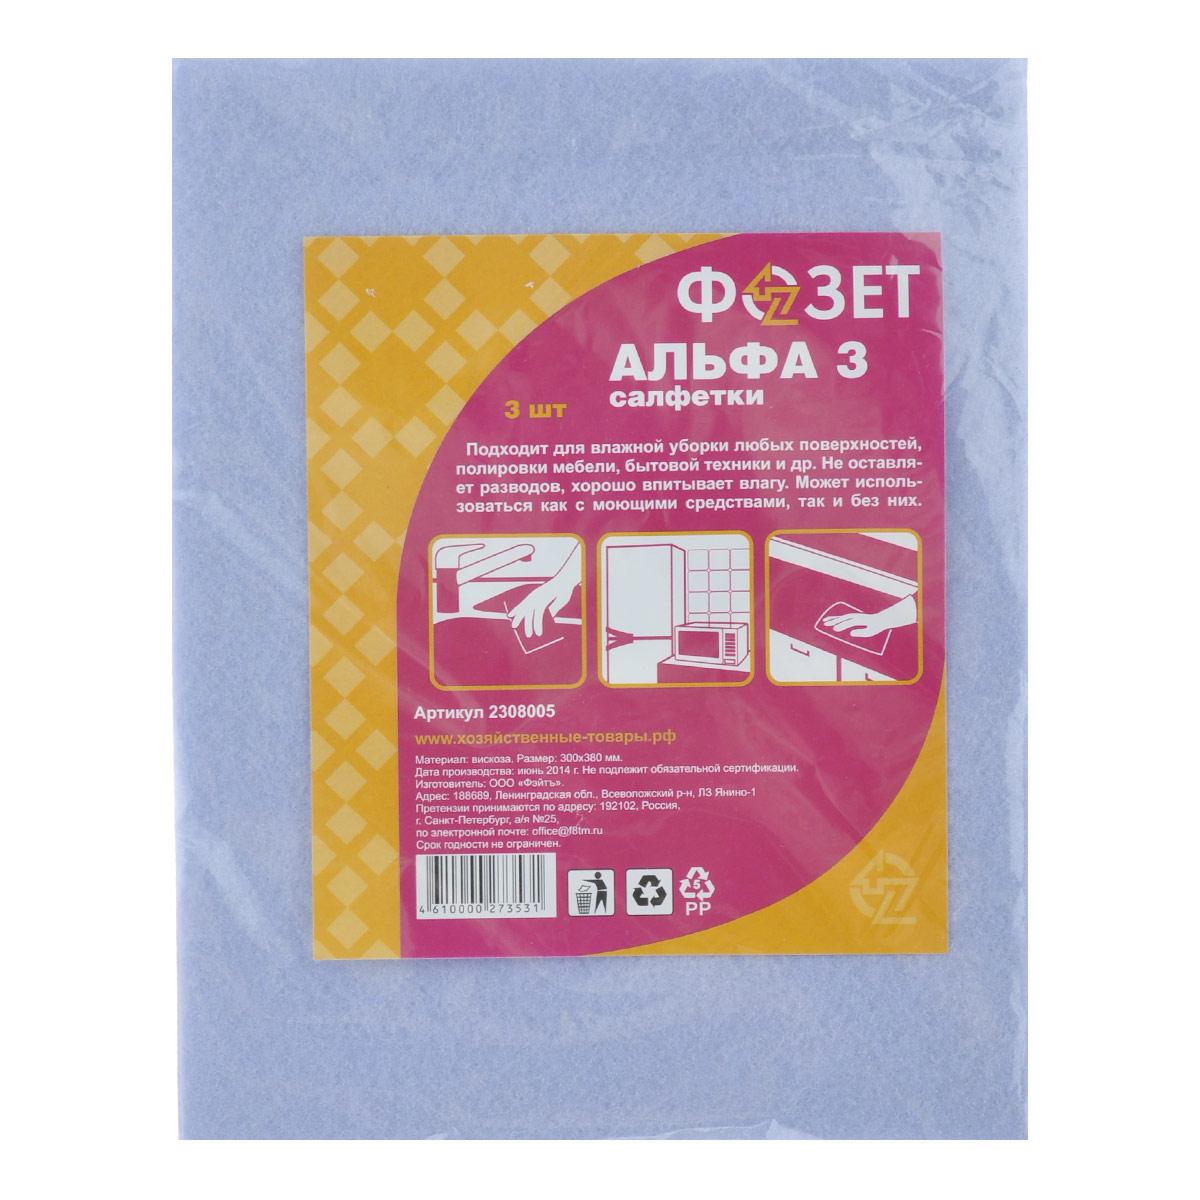 Cалфетка универсальная Фозет Альфа-3, цвет: сиреневый, 30 х 38 см, 3 шт177024_сиреневыйУниверсальные салфетки Фозет Альфа-3, выполненные из мягкого нетканого вискозного материала, подходят как для сухой, так и для влажной уборки. Такие салфетки превосходно впитывают влагу, не оставляют разводов и волокон. Позволяют быстро и качественно очистить кухонные столы, кафель, раковины, сантехнику, деревянную и пластмассовую мебель, оргтехнику, поверхности стекла, зеркал и прочее. Можно использовать как с моющими средствами, так и без них.